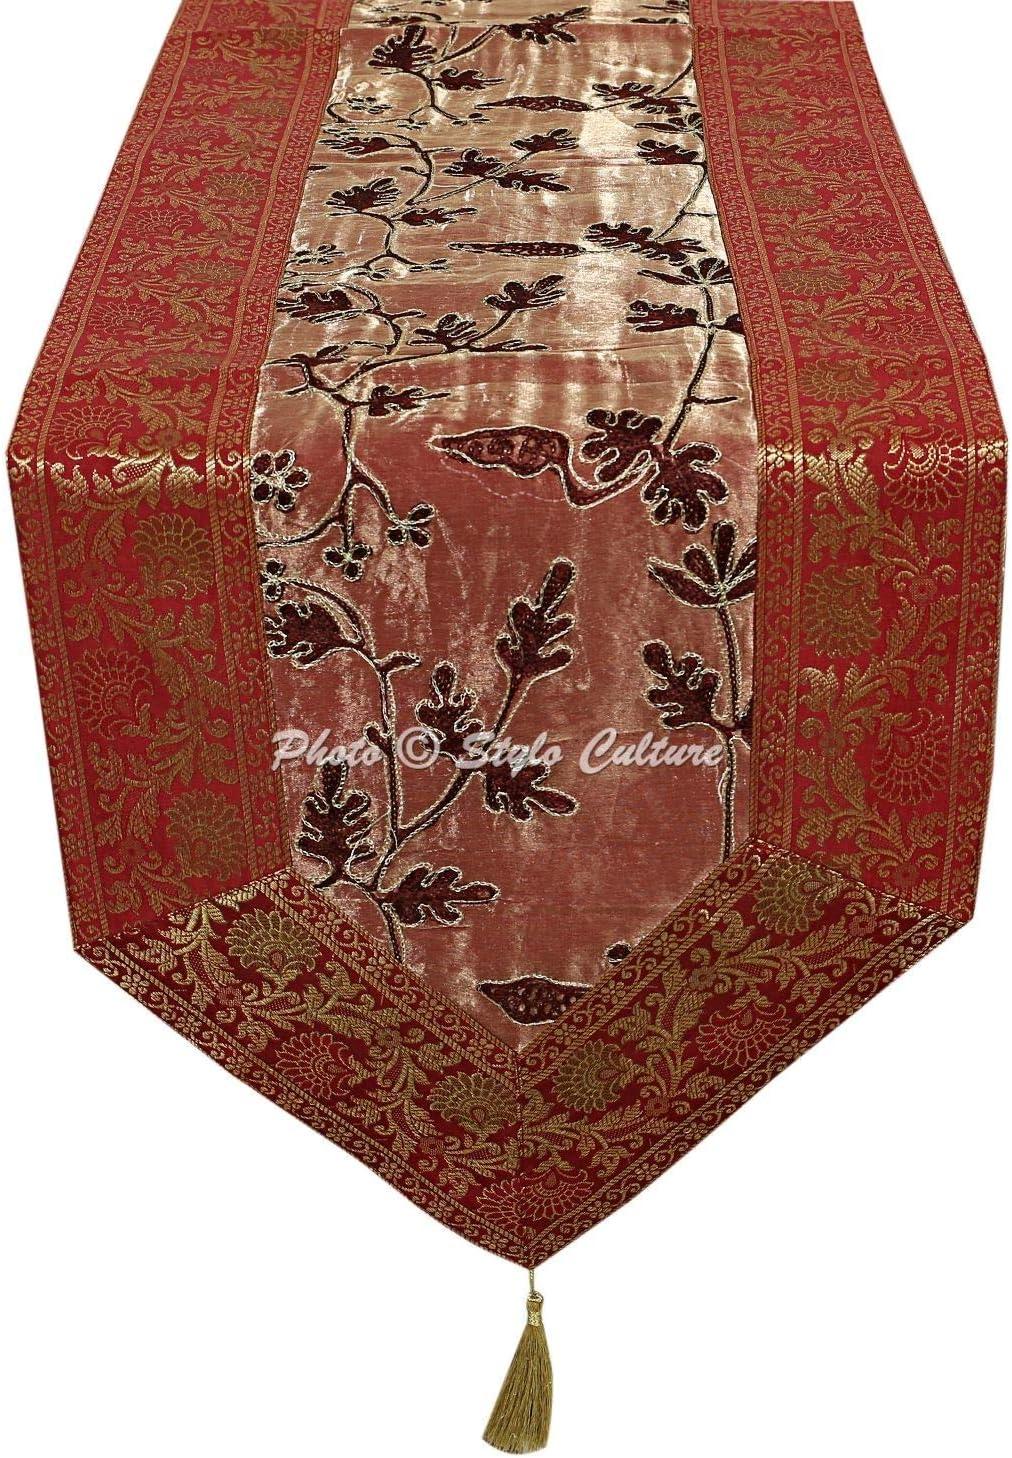 Stylo Culture Etnico Decorativo Runner da Tavolo Elegante Blu Ricamato Ari Zari Viola Arredamento della Cucina Broccato Nappa Floreale Tessuto per Tessuti / 180 x 35 cm 72x14 Pollici